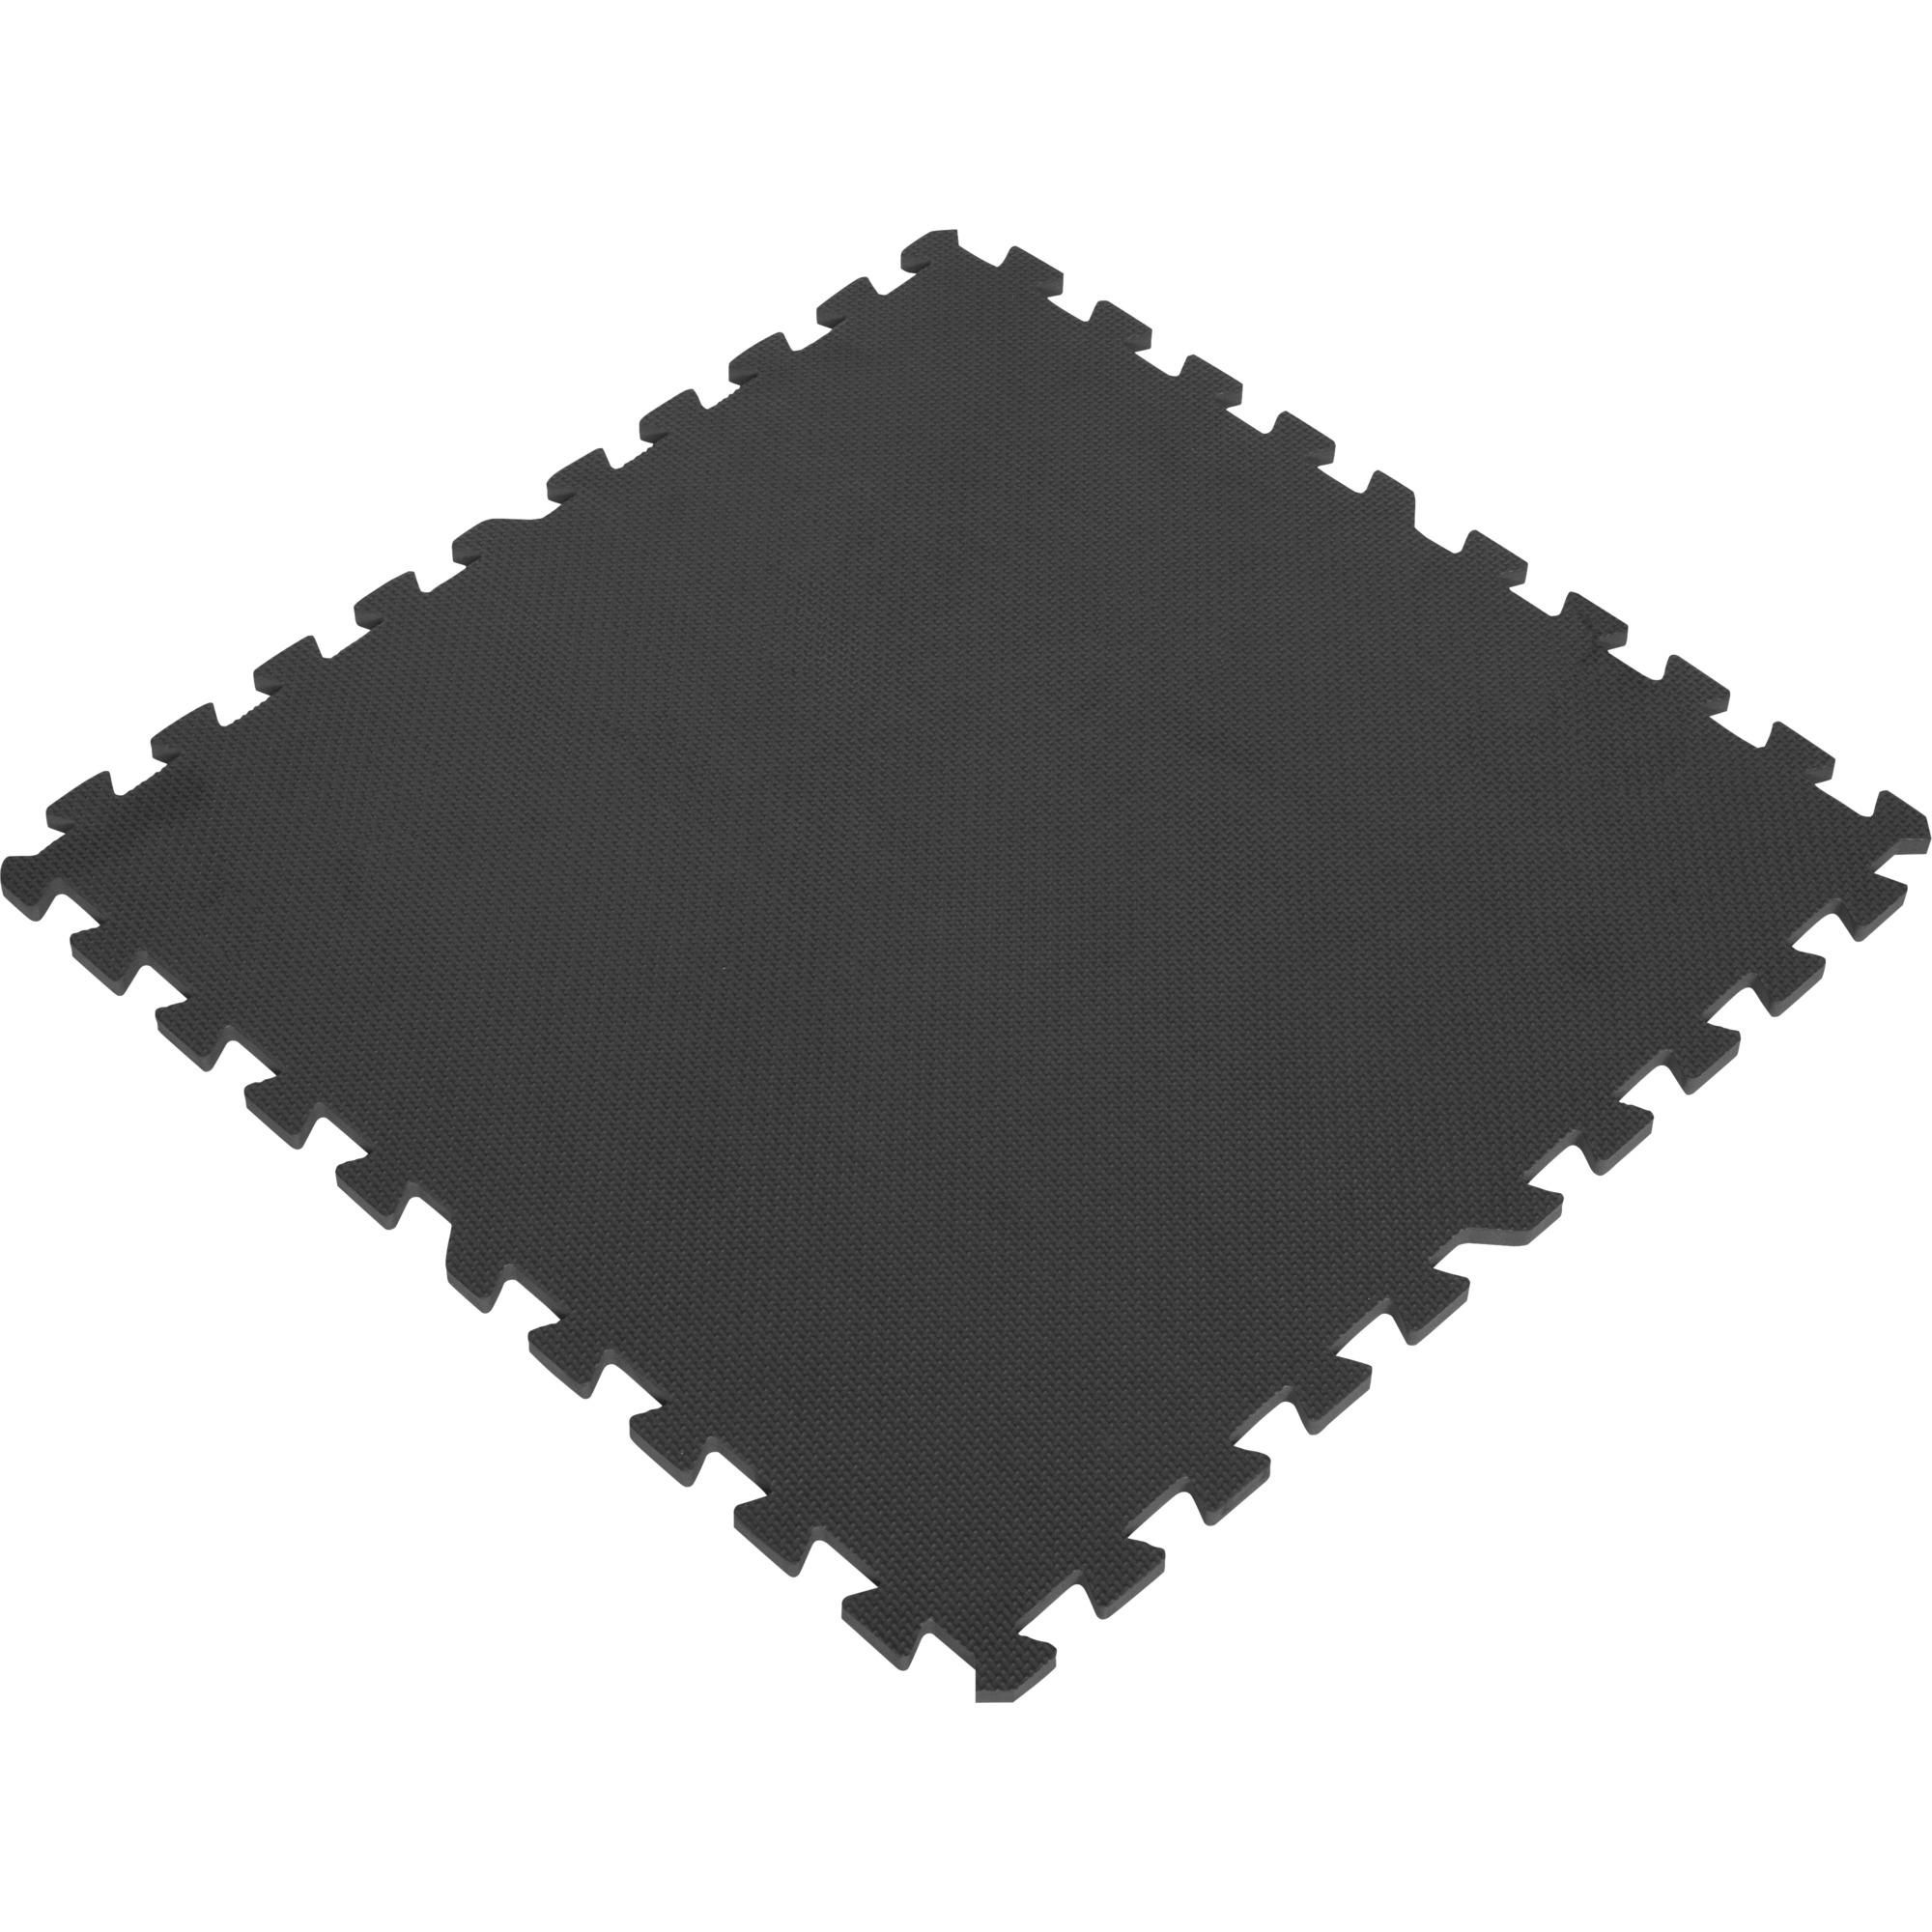 tapis de protection interconnectables de 1 2cm en mousse eva 8 carr noir 10000616. Black Bedroom Furniture Sets. Home Design Ideas